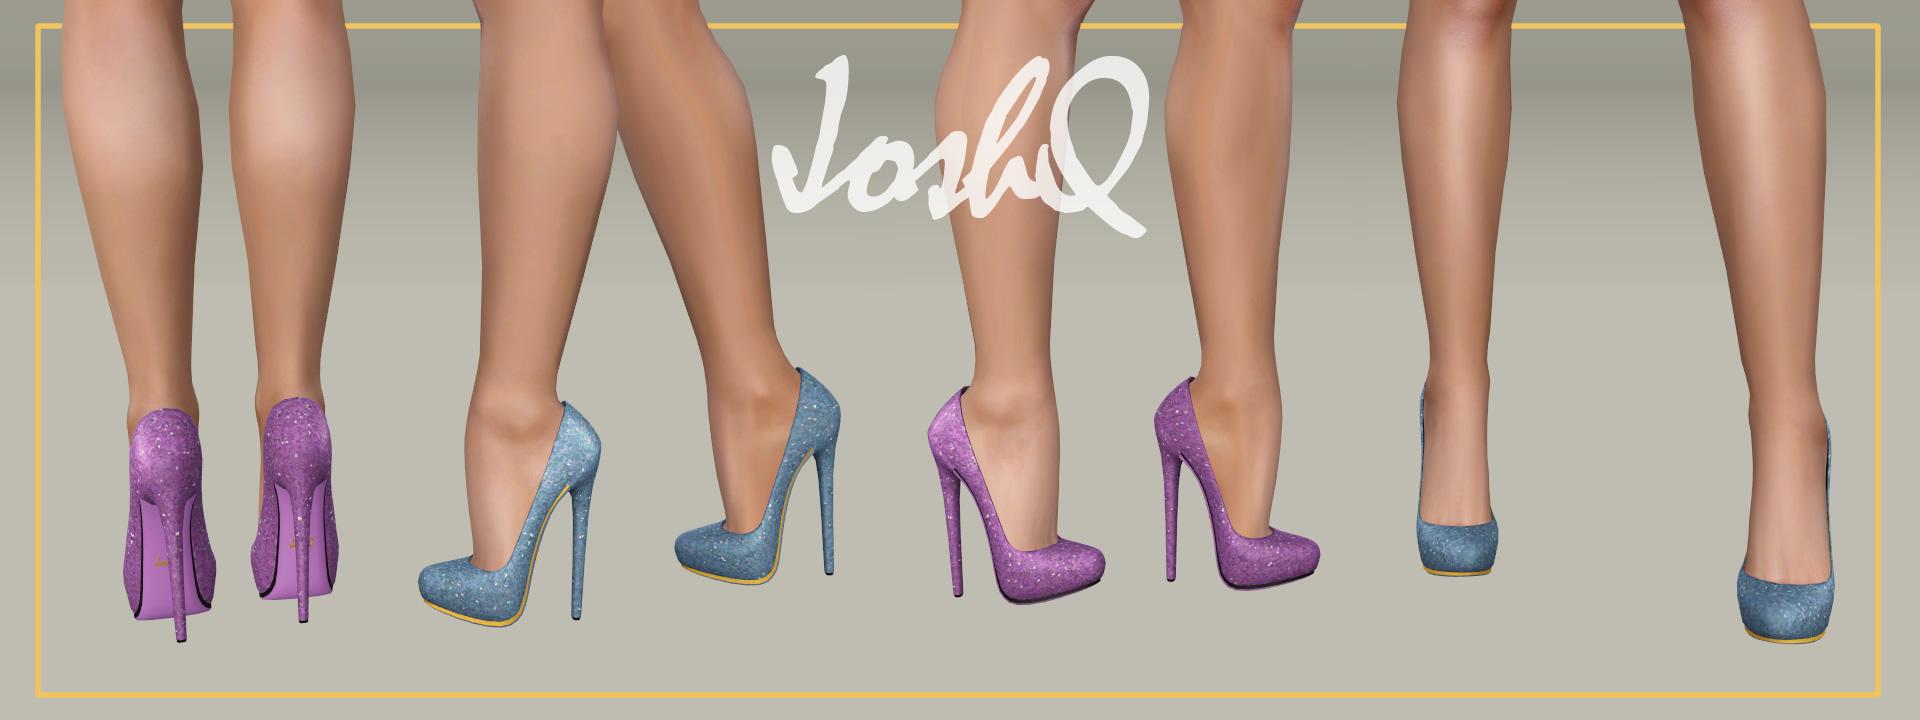 Impossible Heels 'Hera'